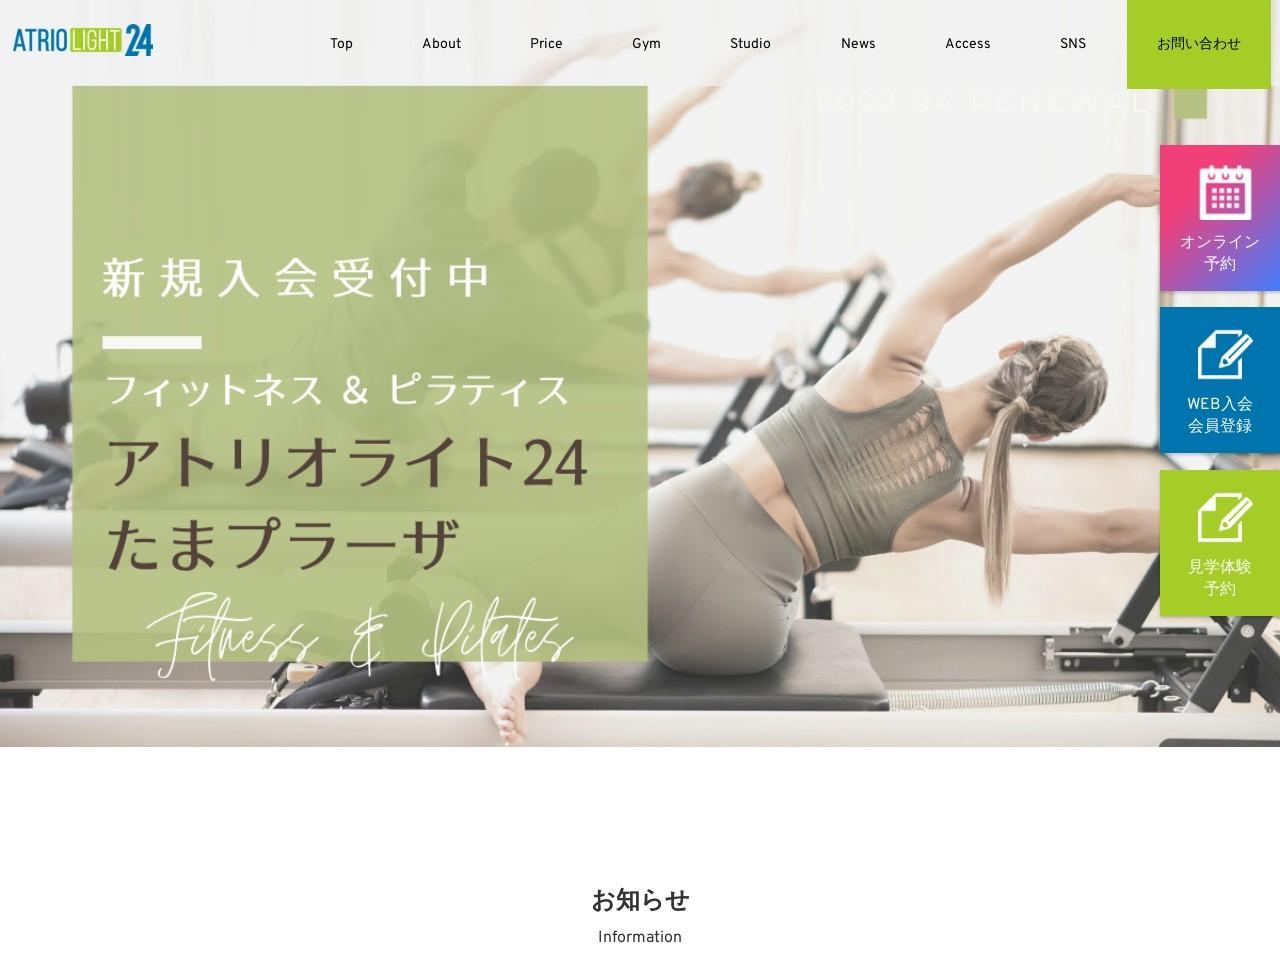 ATRIO LIGHTたまプラーザのイメージ画像